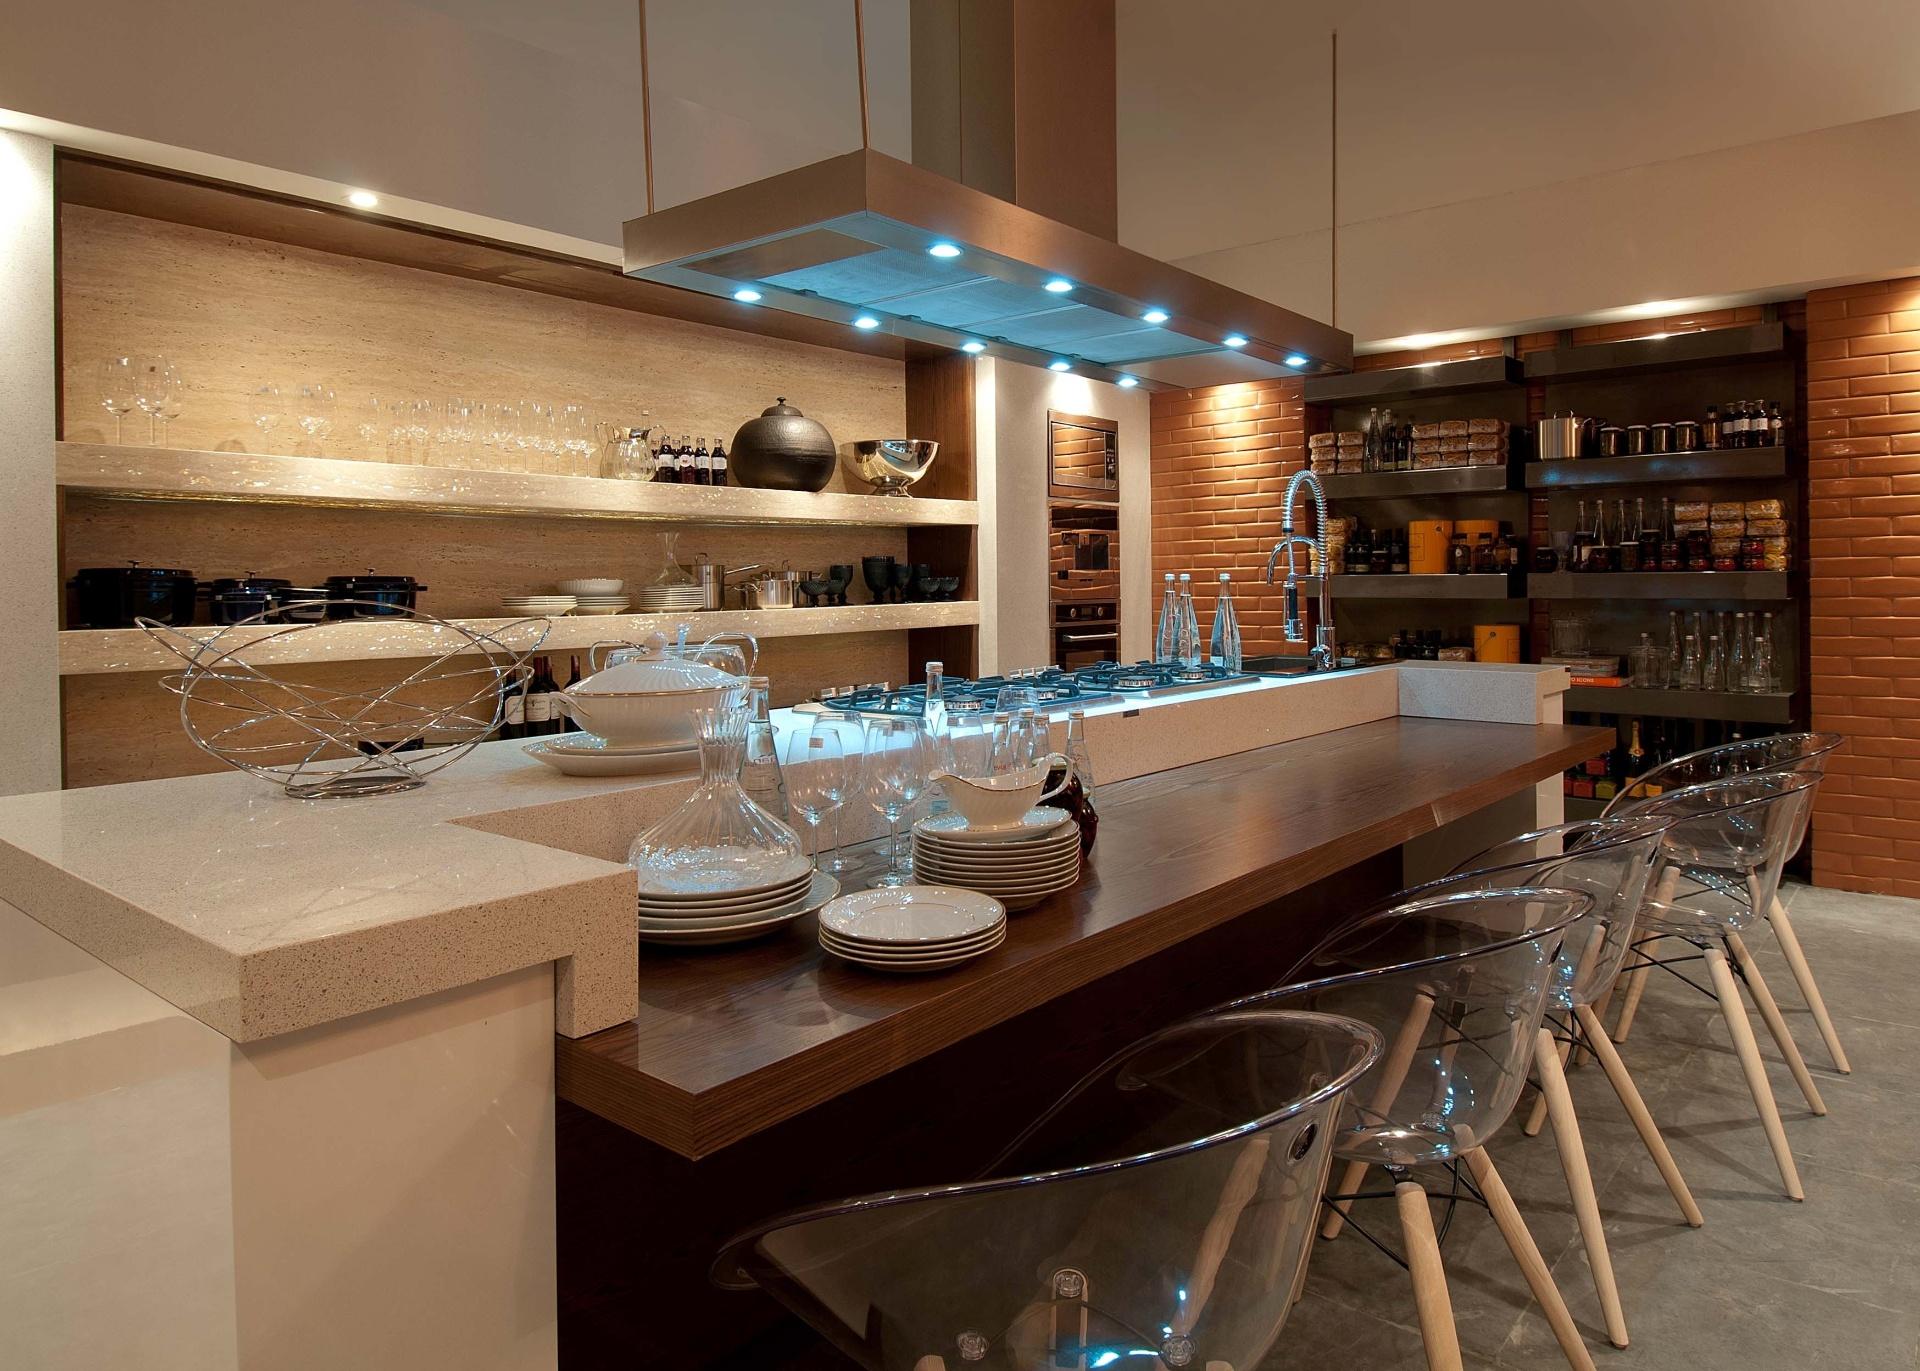 O profissional de Joinville Tufi Mousse assina o projeto do Estar Gourmet, com 67 m². A Casa Cor Santa Catarina, pela primeira vez, acontece simultaneamente em Florianópolis e na Praia Brava, de Itajaí. As duas sedes do evento apresentam, no total, 45 ambientes até 30 de junho de 2013